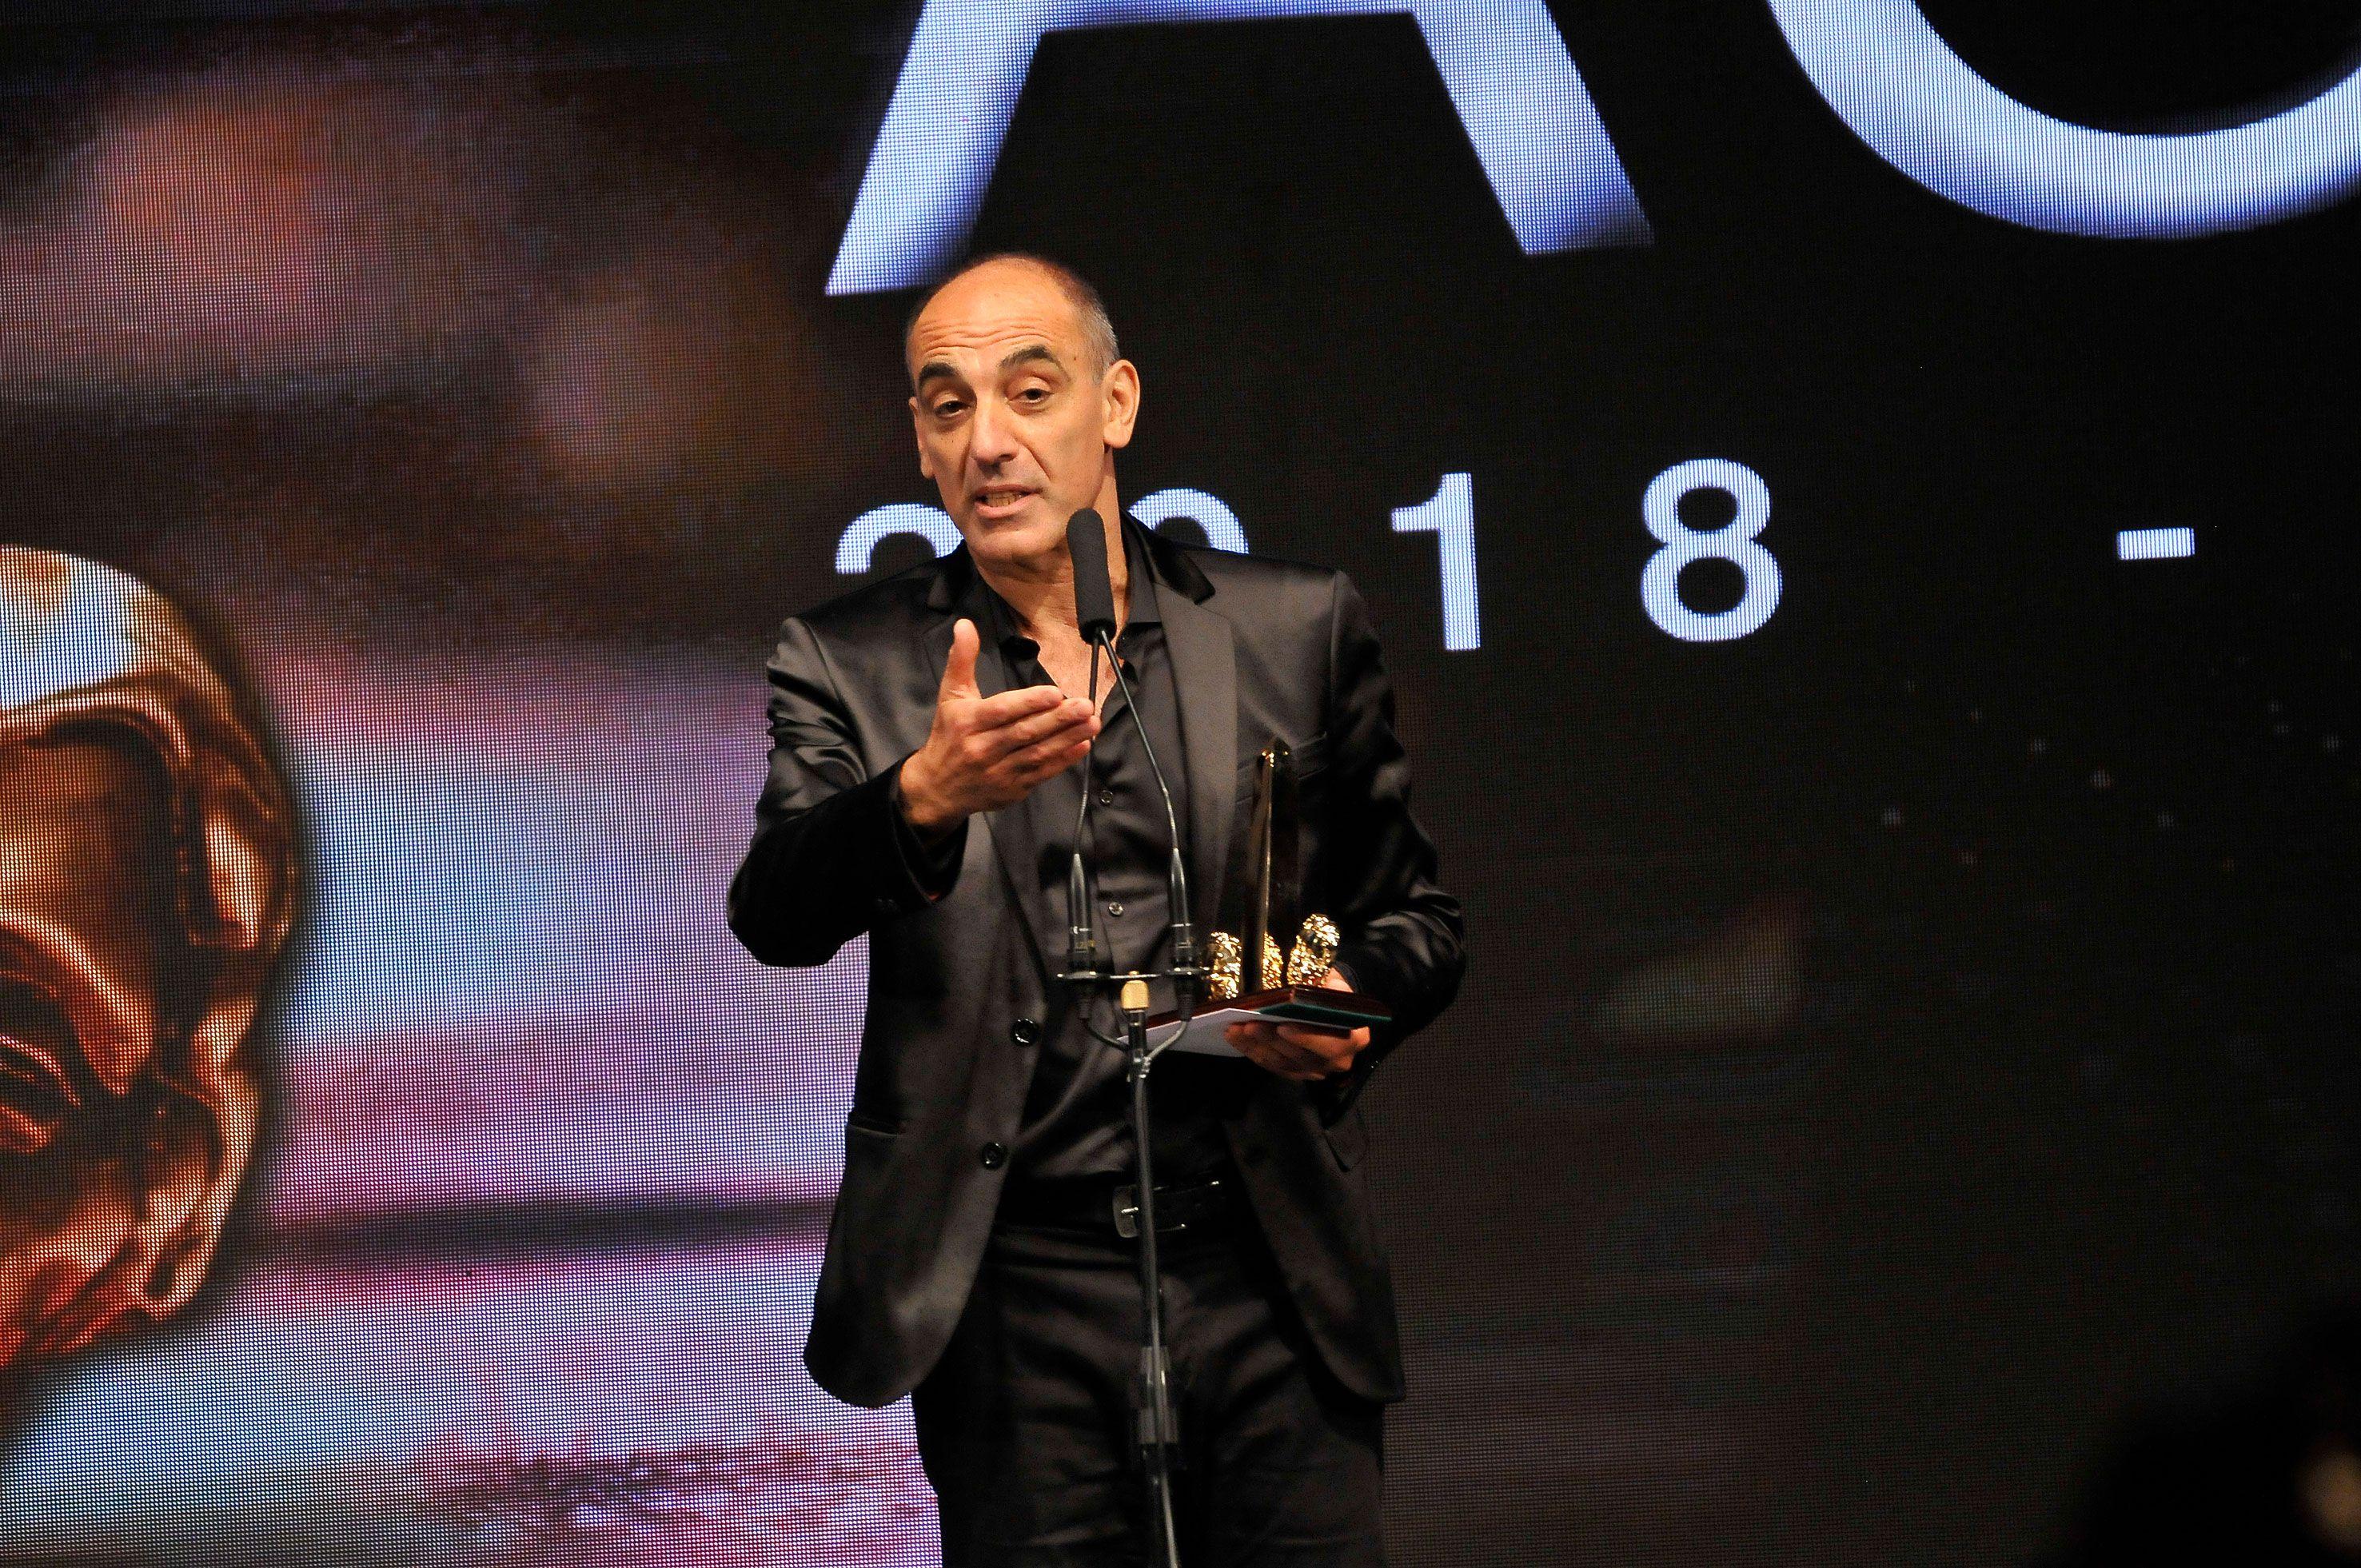 Mauricio Dayub, ganador en la última edición del ACE de Oro (Crédito: Darío Batallan / Teleshow)